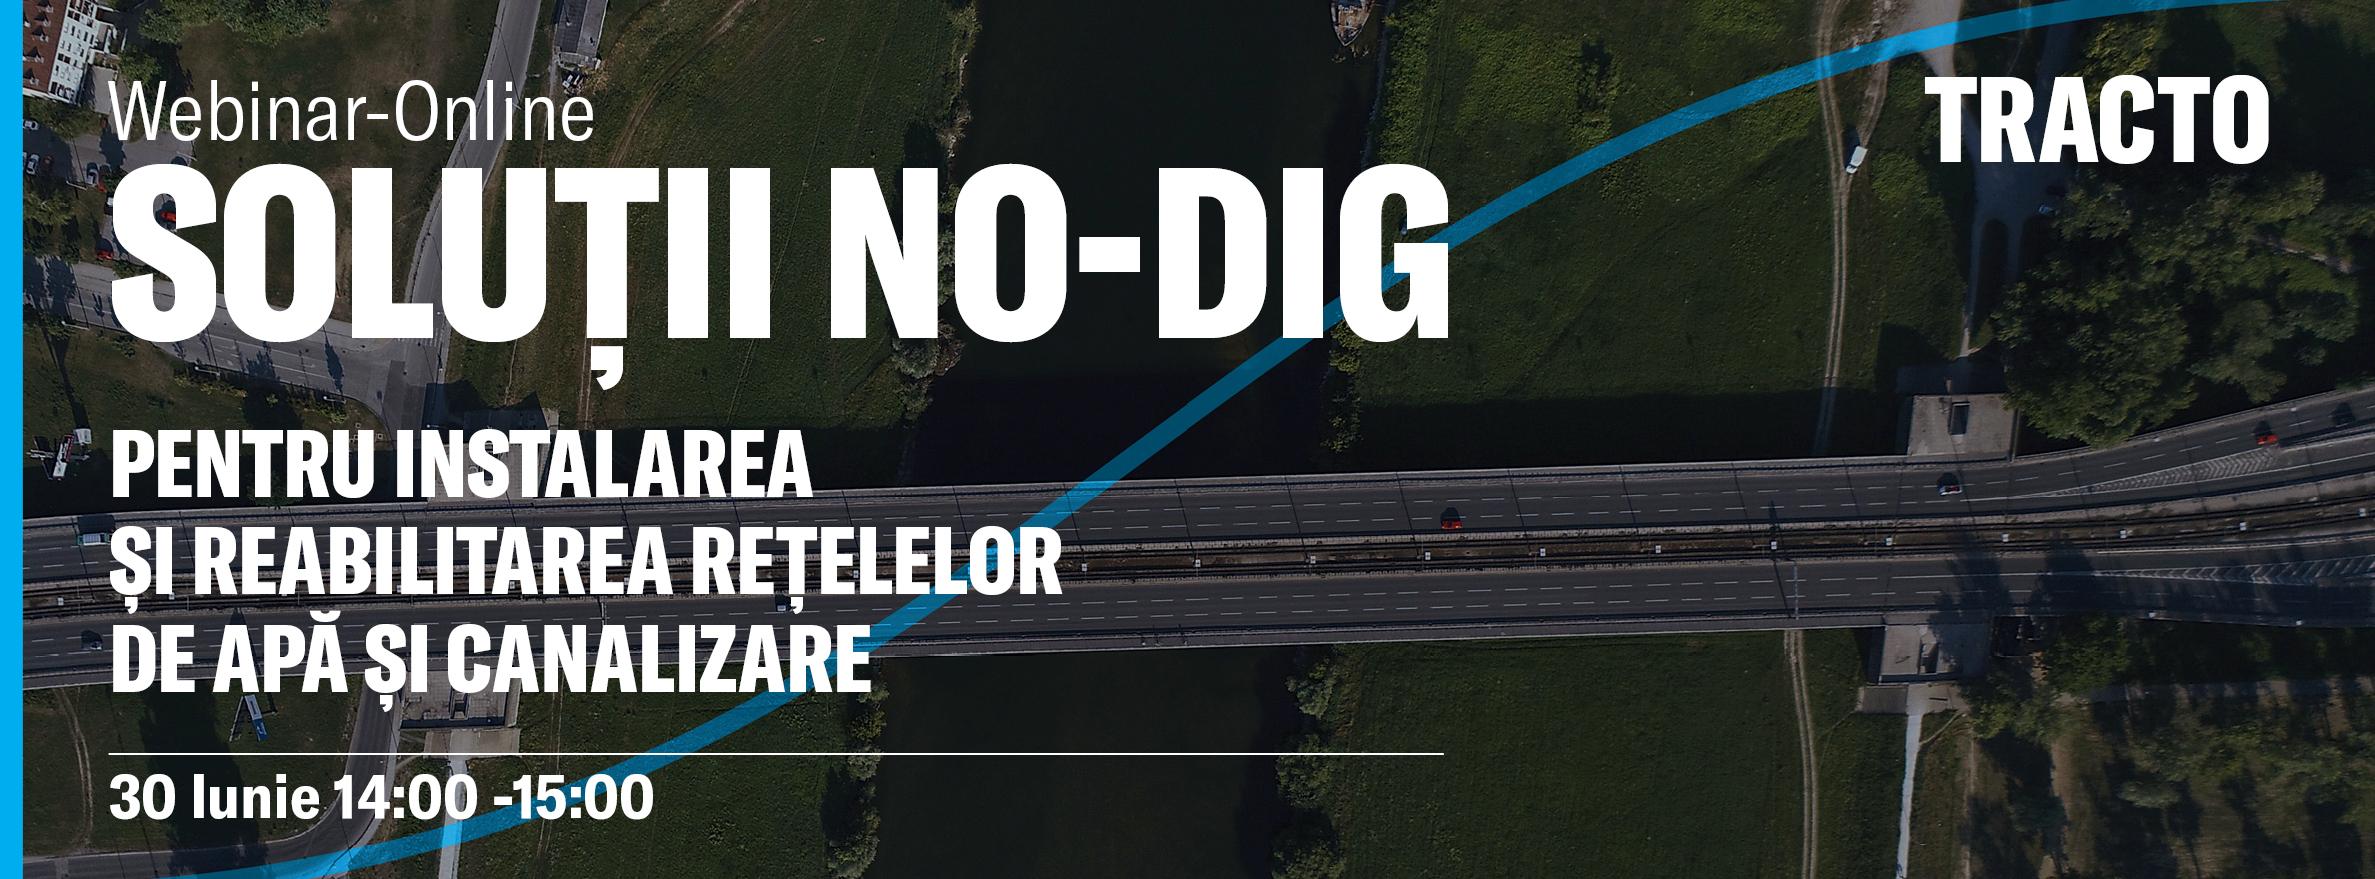 Webinar online: Soluții NO-DIG pentru instalarea și reabilitarea rețelelor de apă și canalizare, 30 Iunie